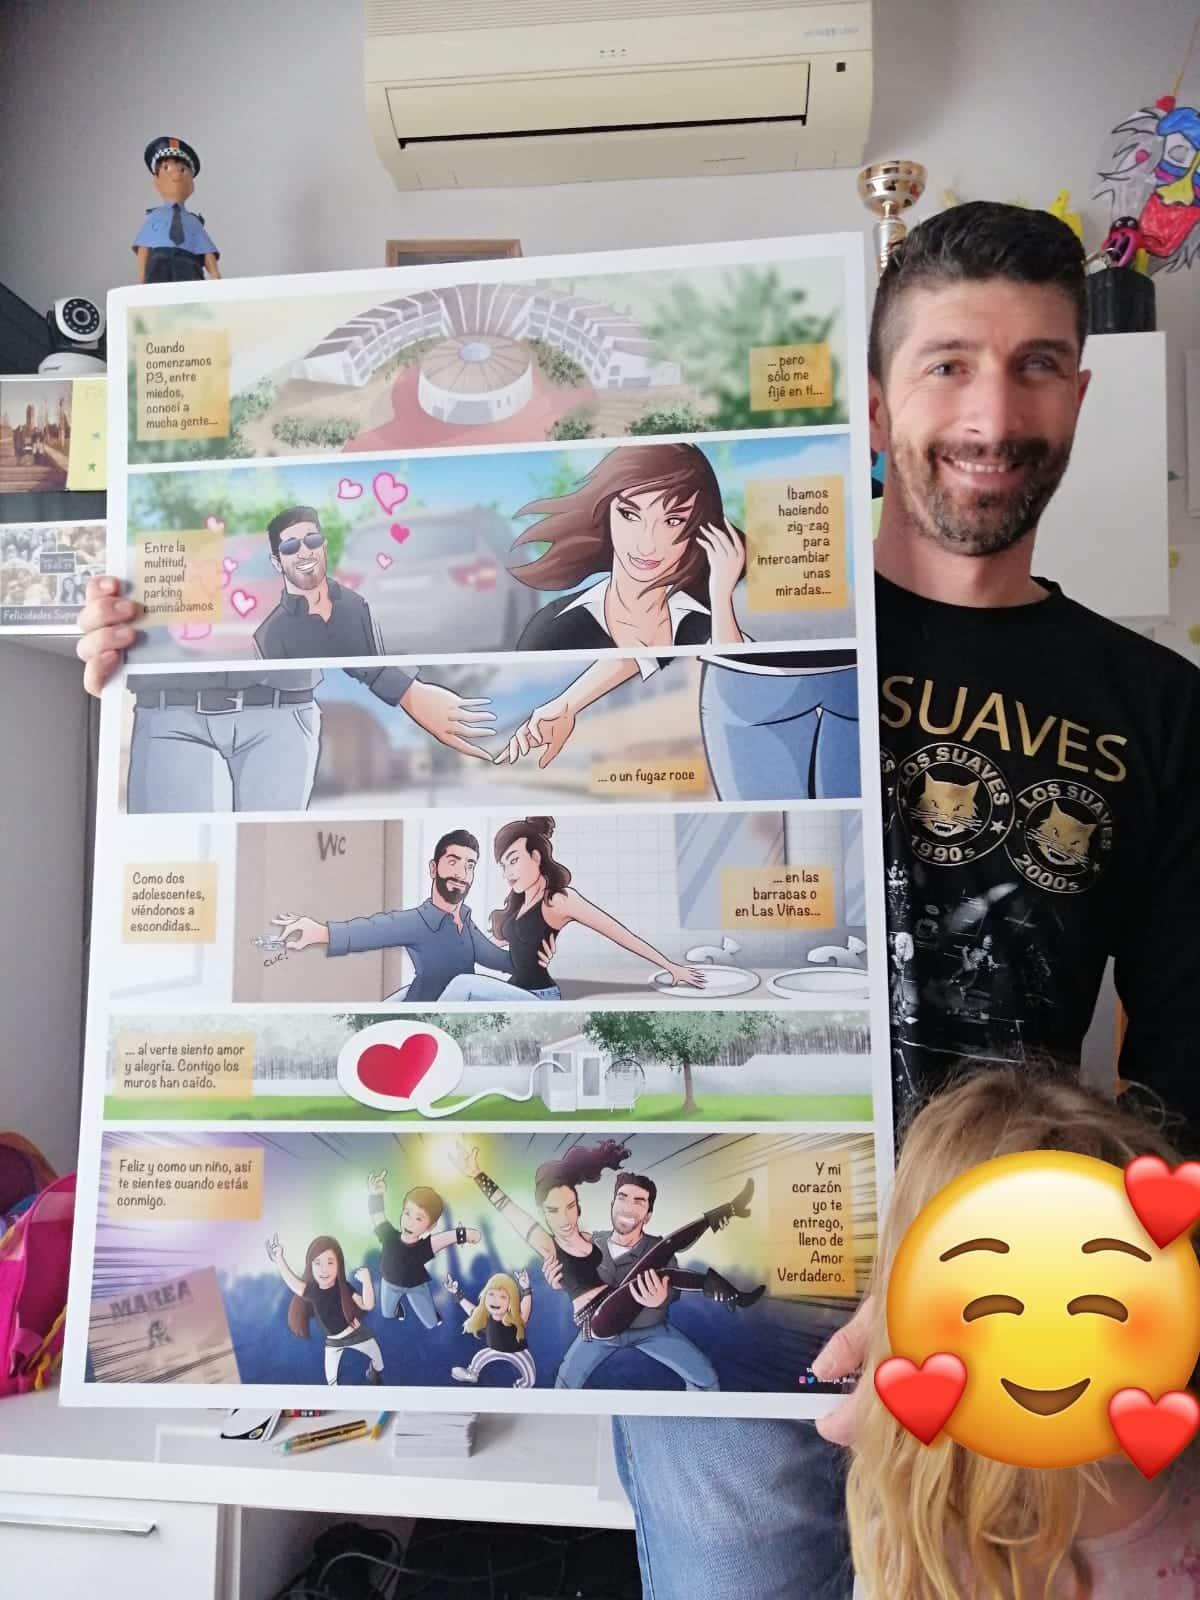 """Cómic personalizado - """"Así juntamos nuestras vidas"""" - Regalo personalizado romántico - www.tuvidaencomic.com - Tu Vida en Cómic - Regalo personalizado romántico - BEN - TESTIMONIO"""